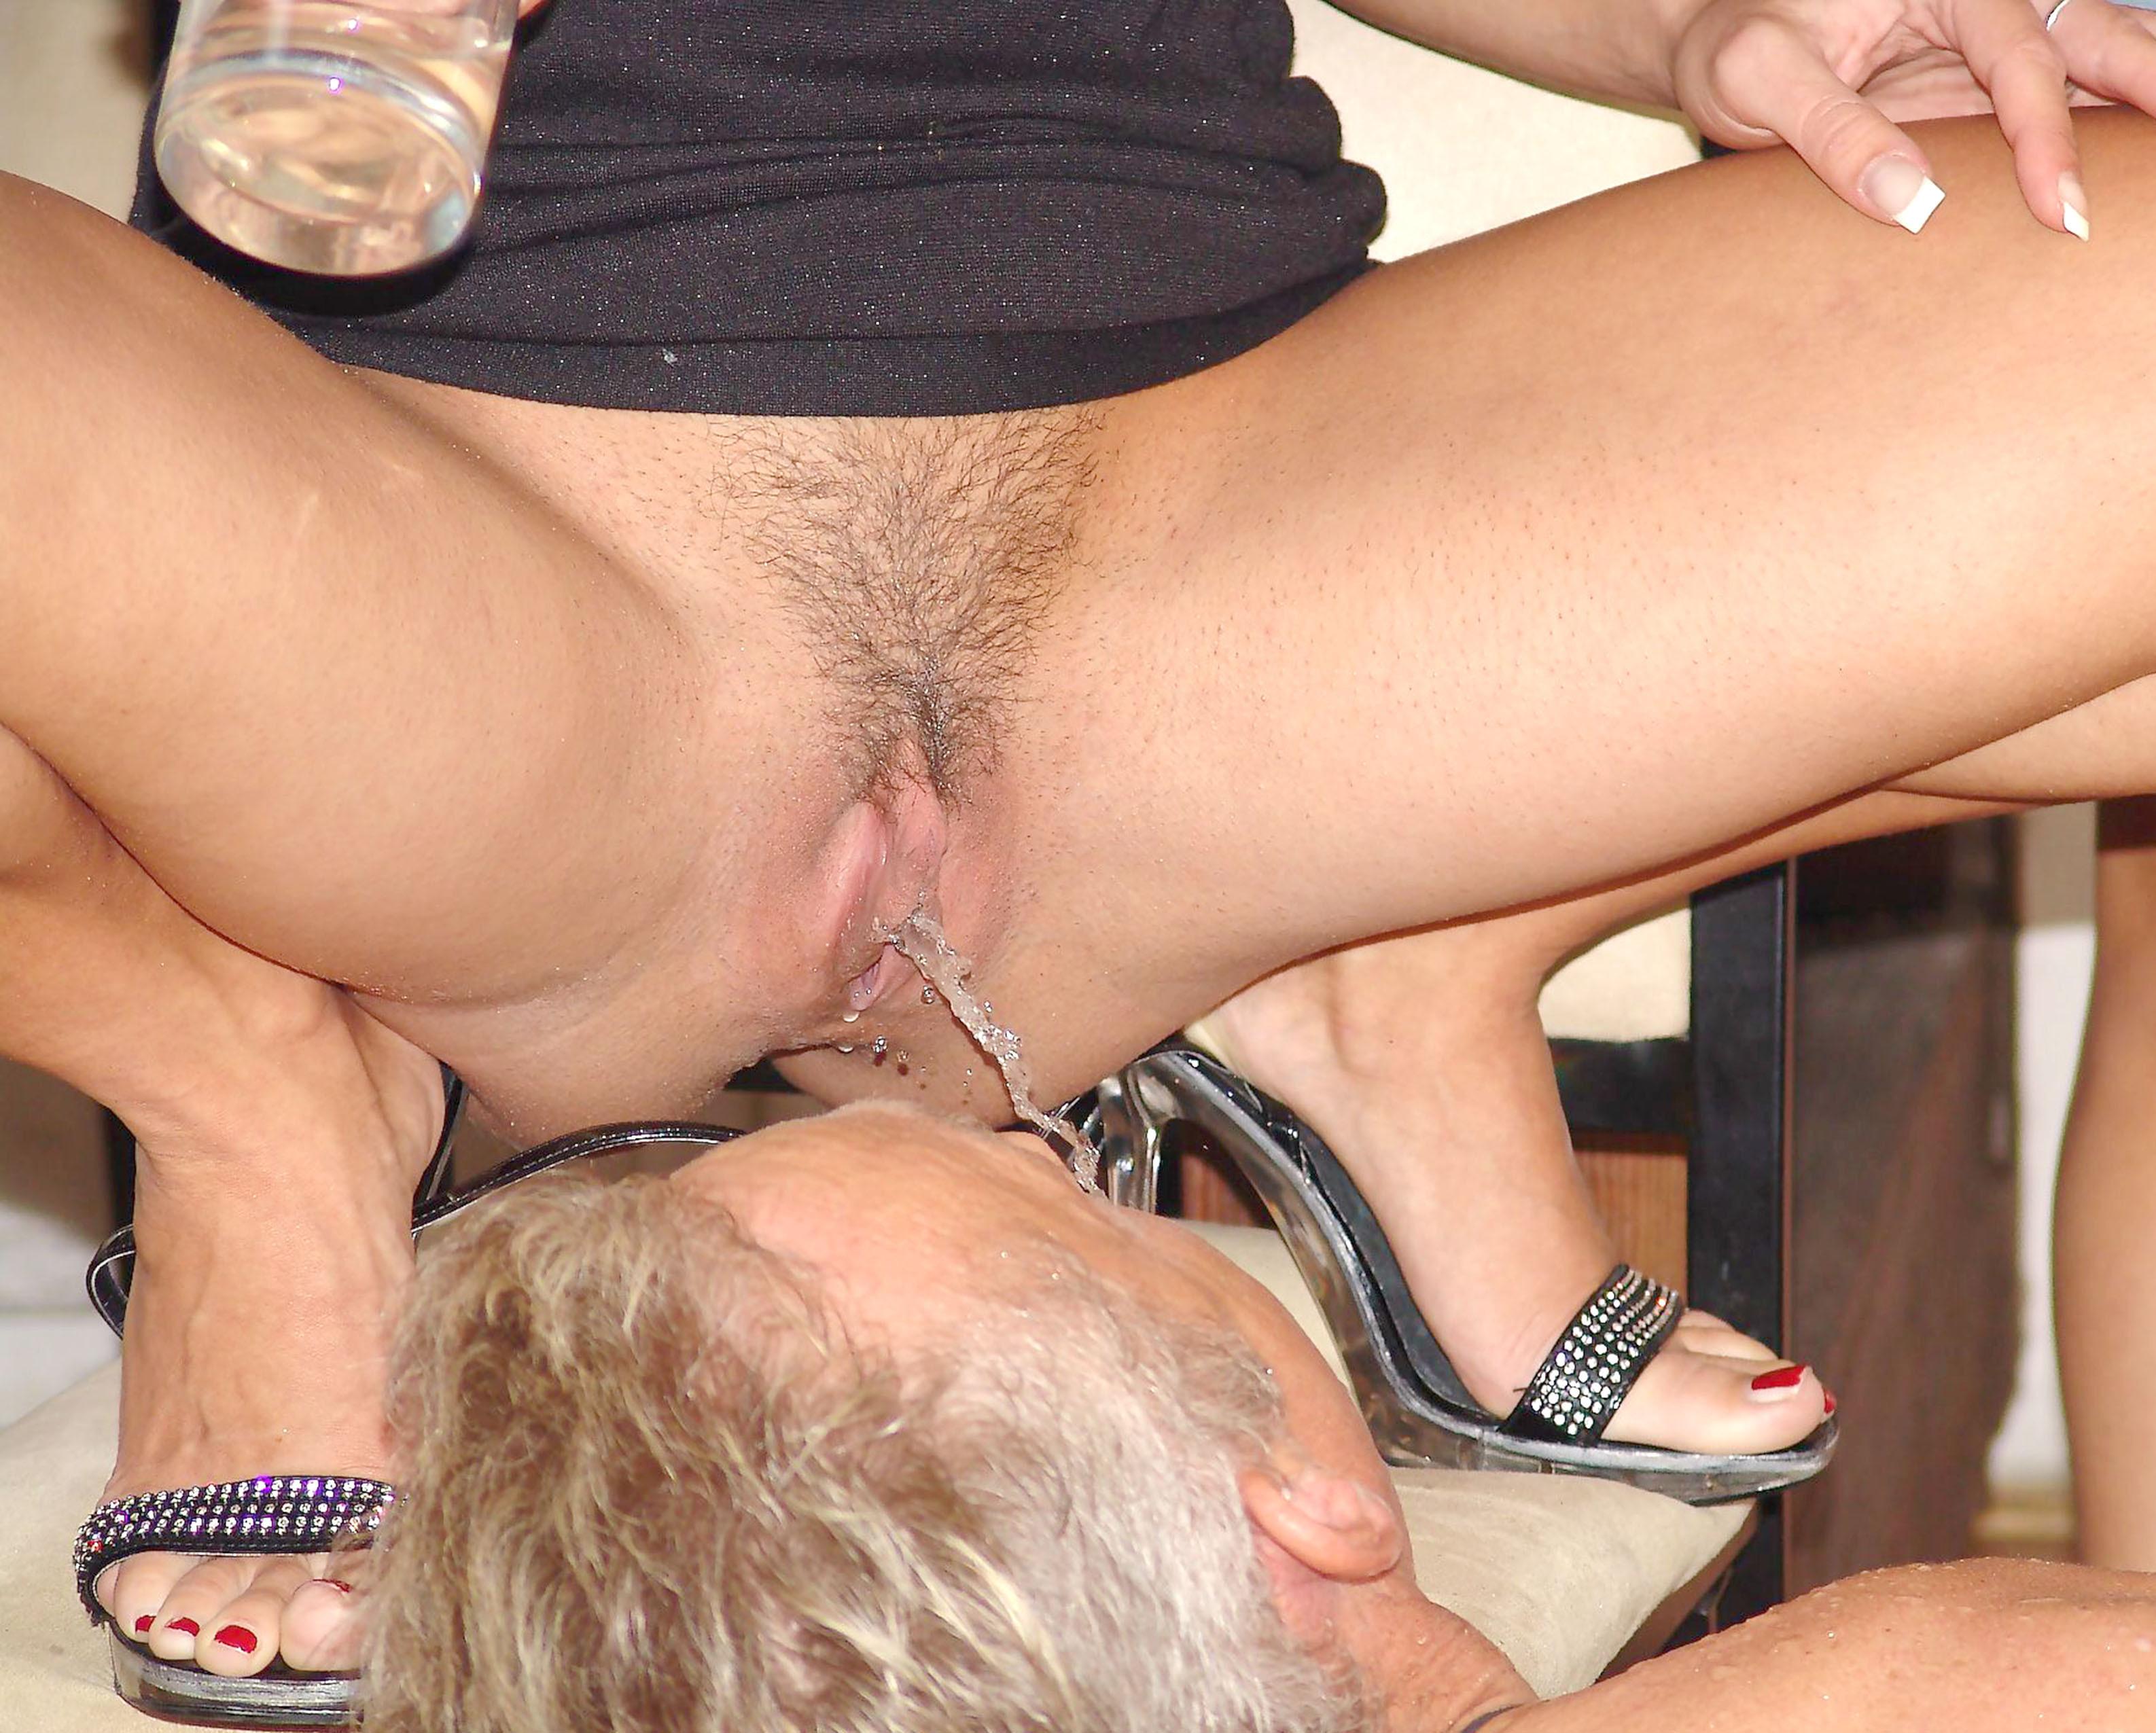 Жена срет мужу в рот порно рассказ